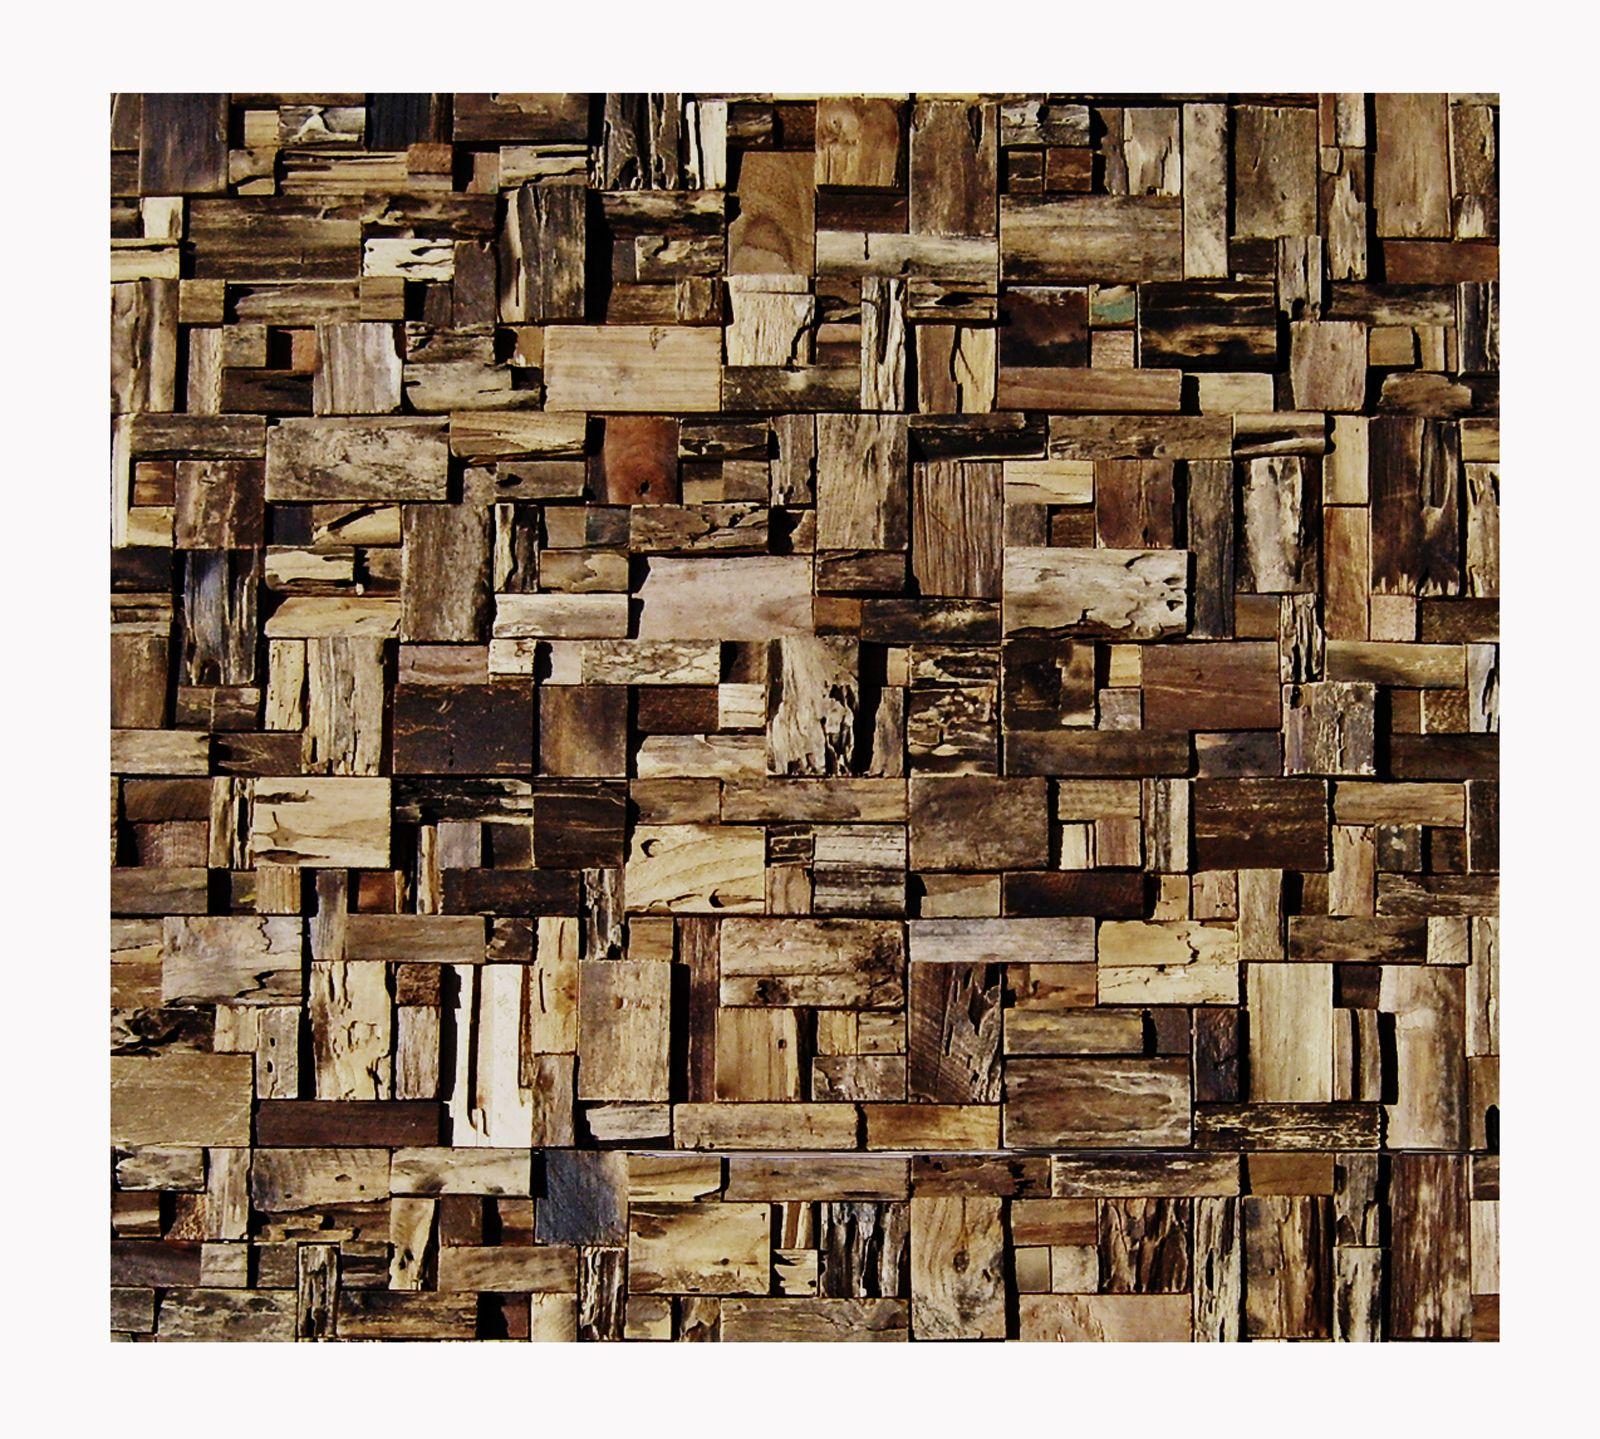 3D Wand Verblender Teak Holz Mosaik Sie Können Die Wand Verblender Und  Mosaikfliesen Auch Im Lager Herne Besichtigen, Kaufen Und Abholen.